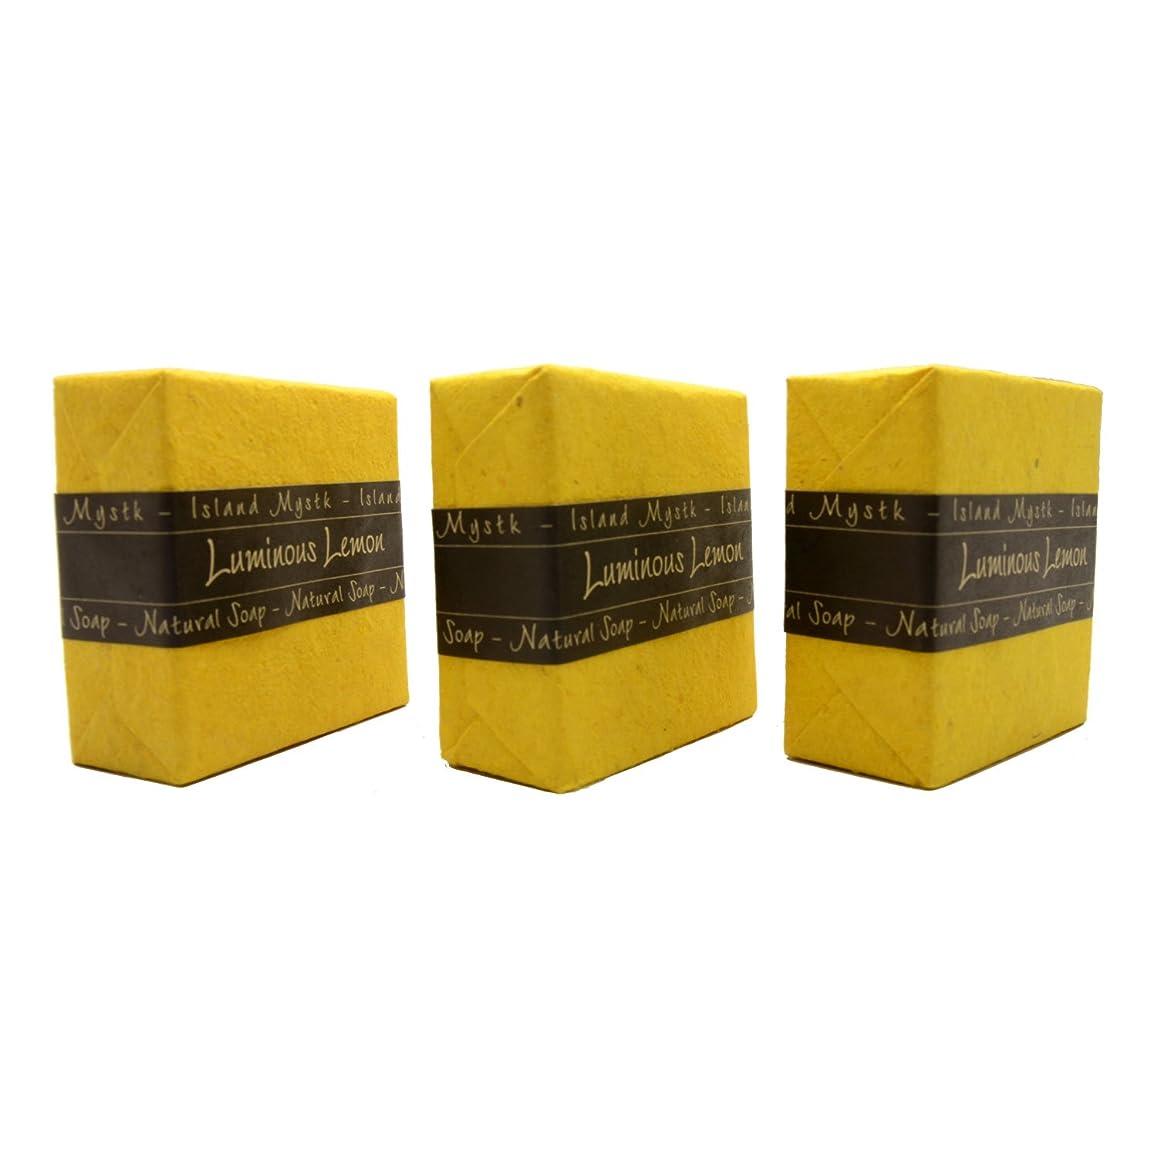 発疹息子スキャンダルアイランドミスティック ルミナスレモン 3個セット 115g×3 ココナッツ石鹸 バリ島 Island Mystk 天然素材100% 無添加 オーガニック